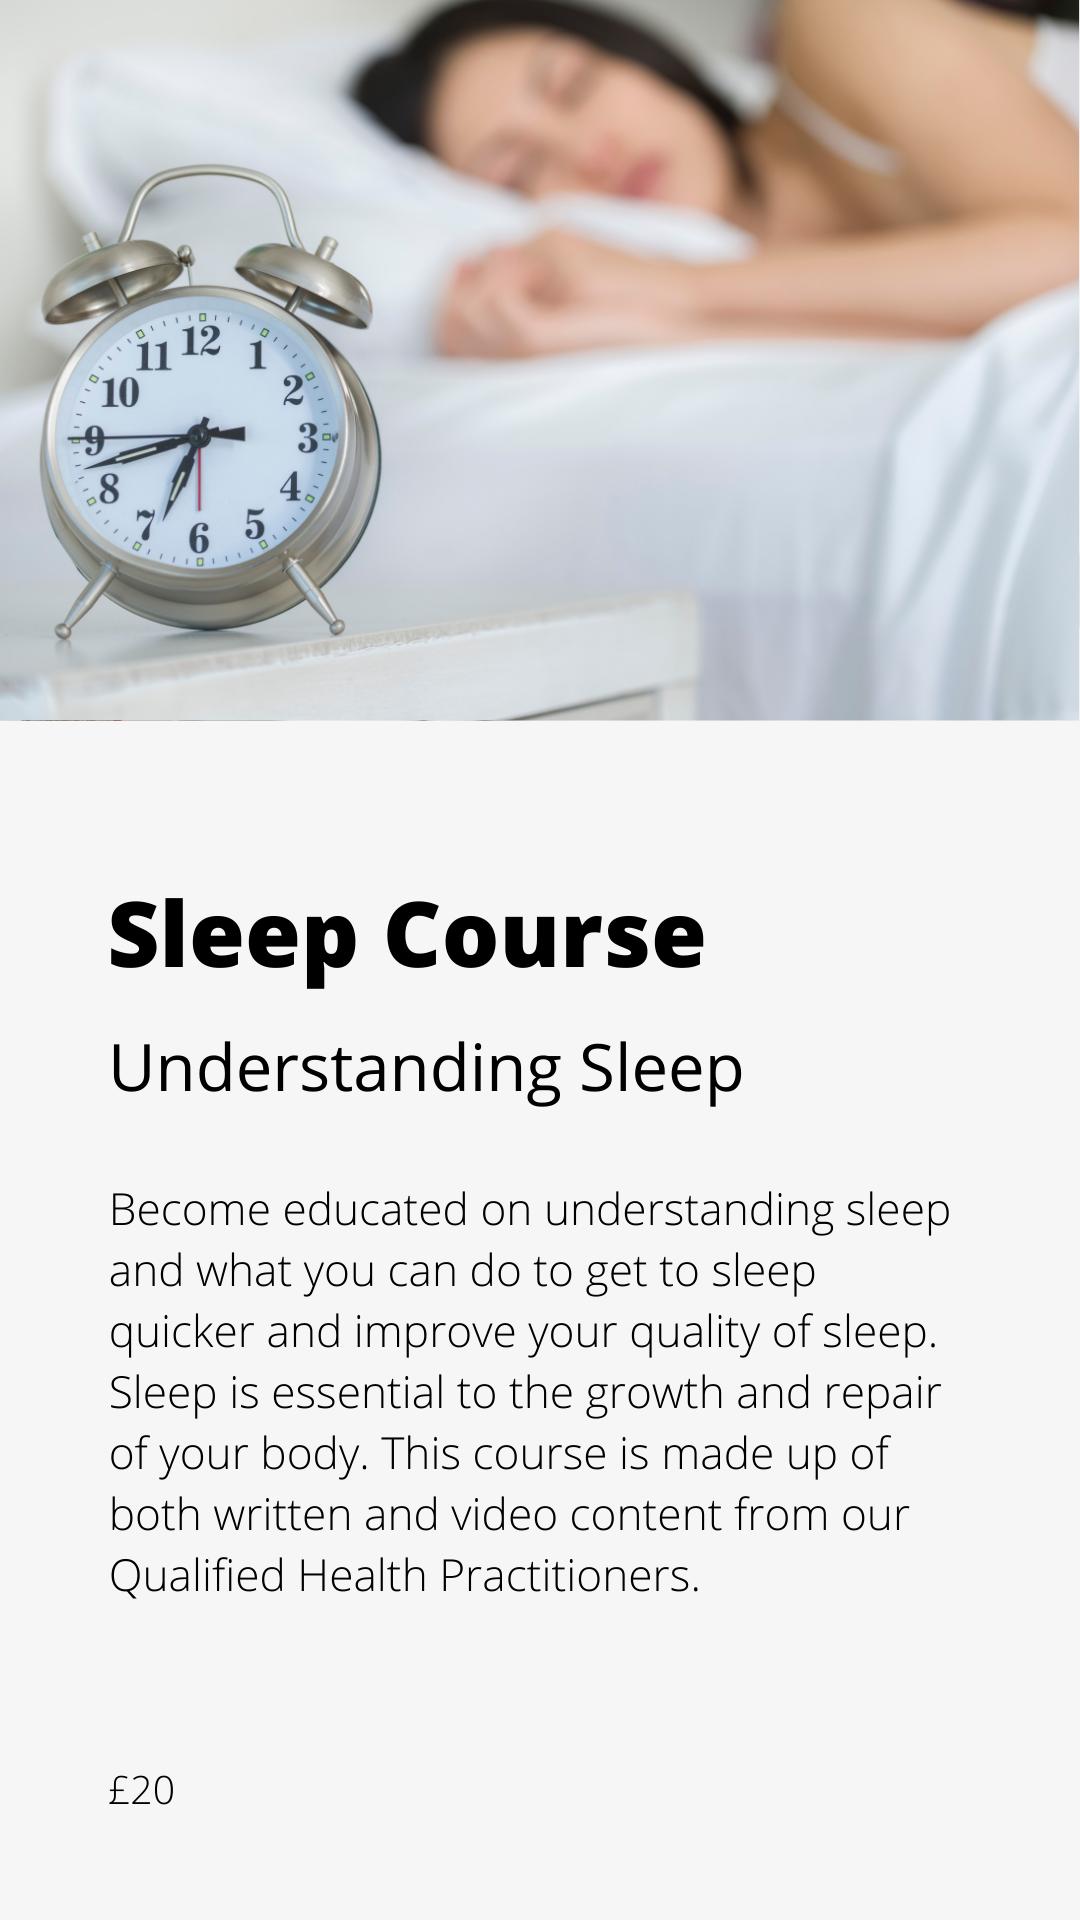 Sleep Course Icon